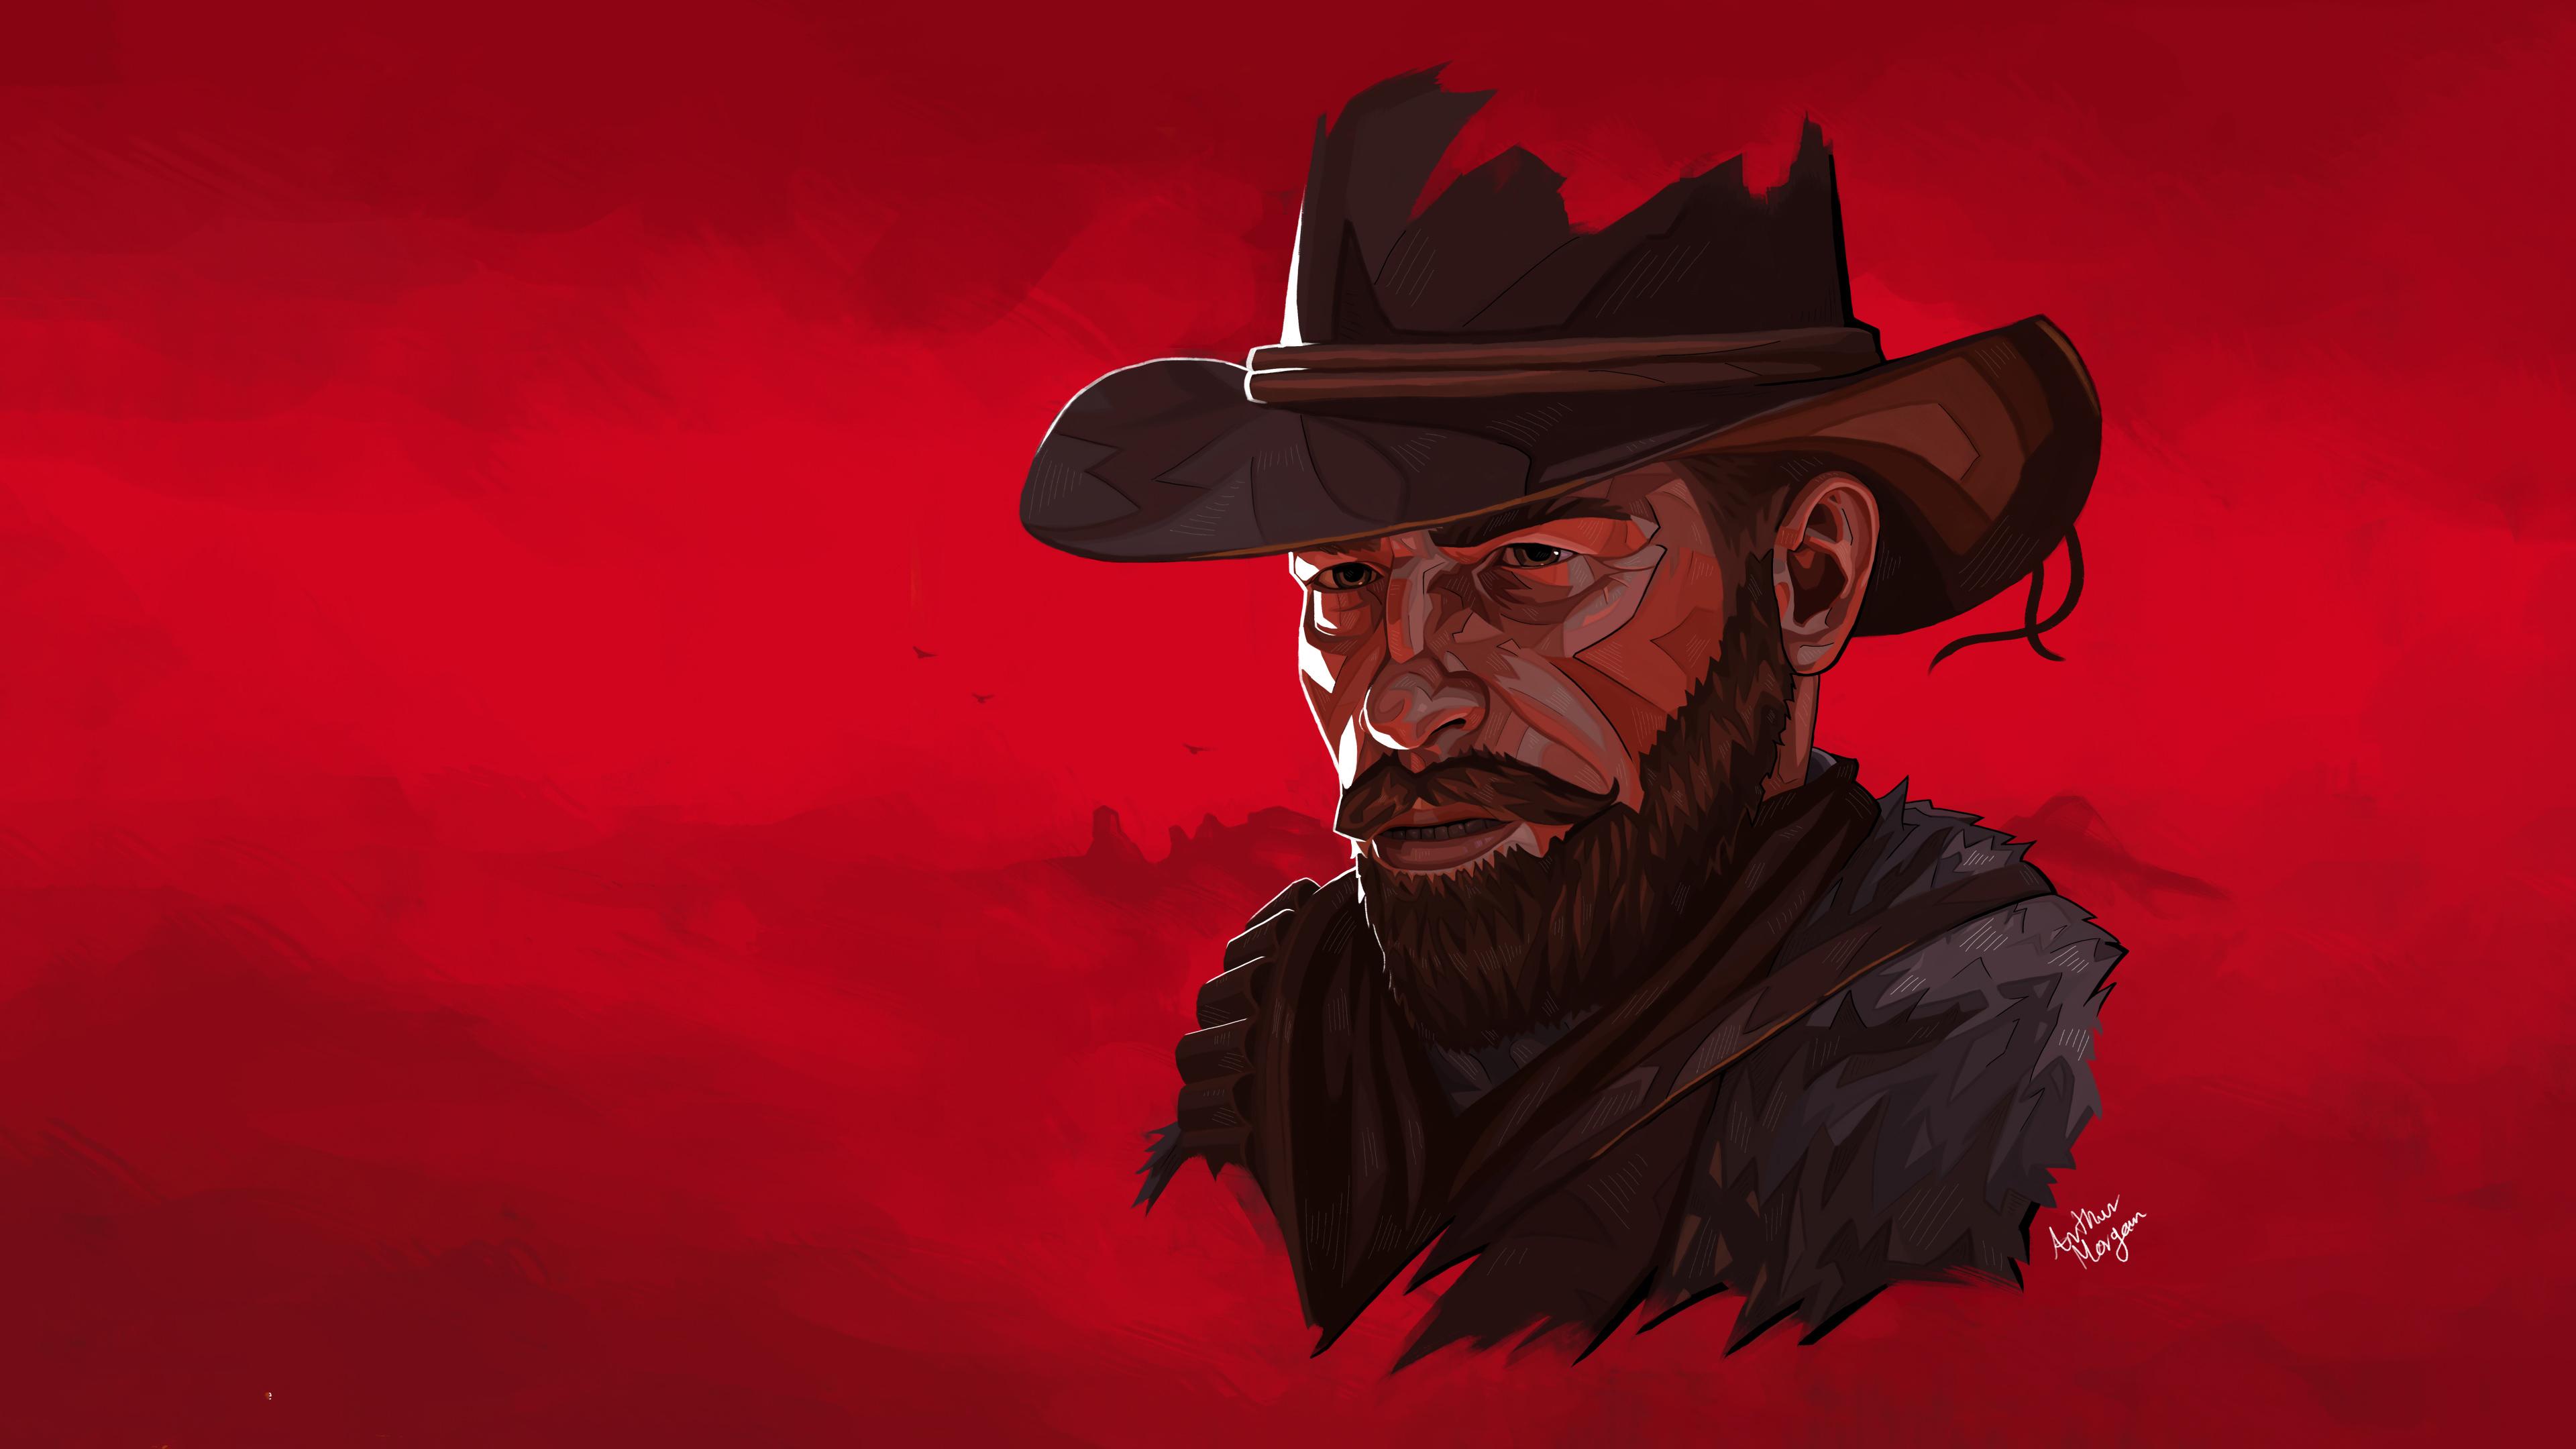 Wallpaper 4k Arthur Morgan Red Dead Redemption 2 4k 2019 4k